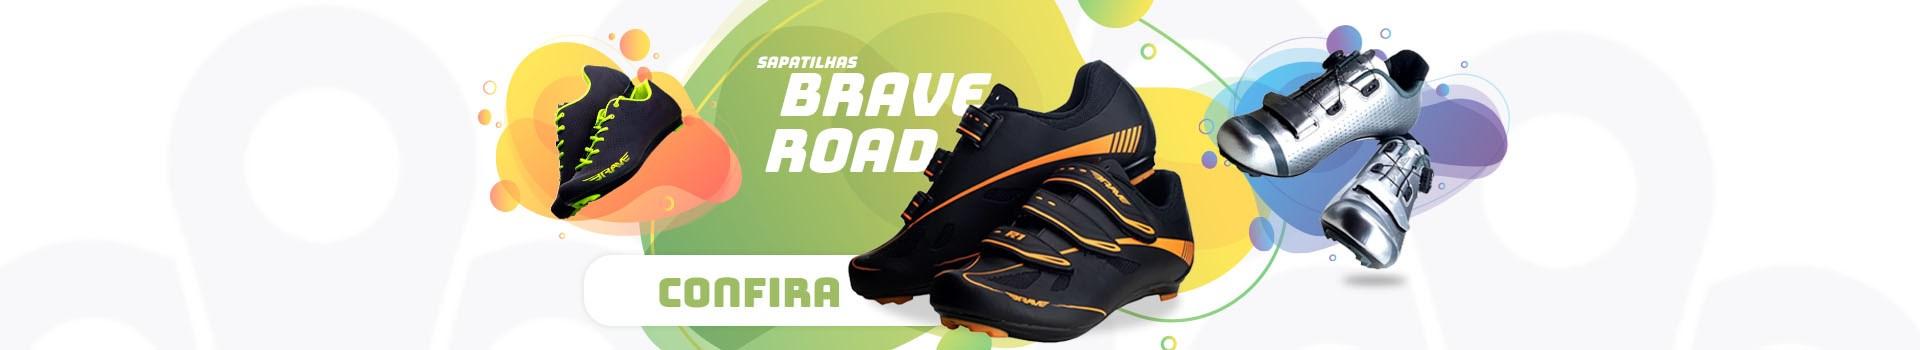 Sapatilhas Brave Road